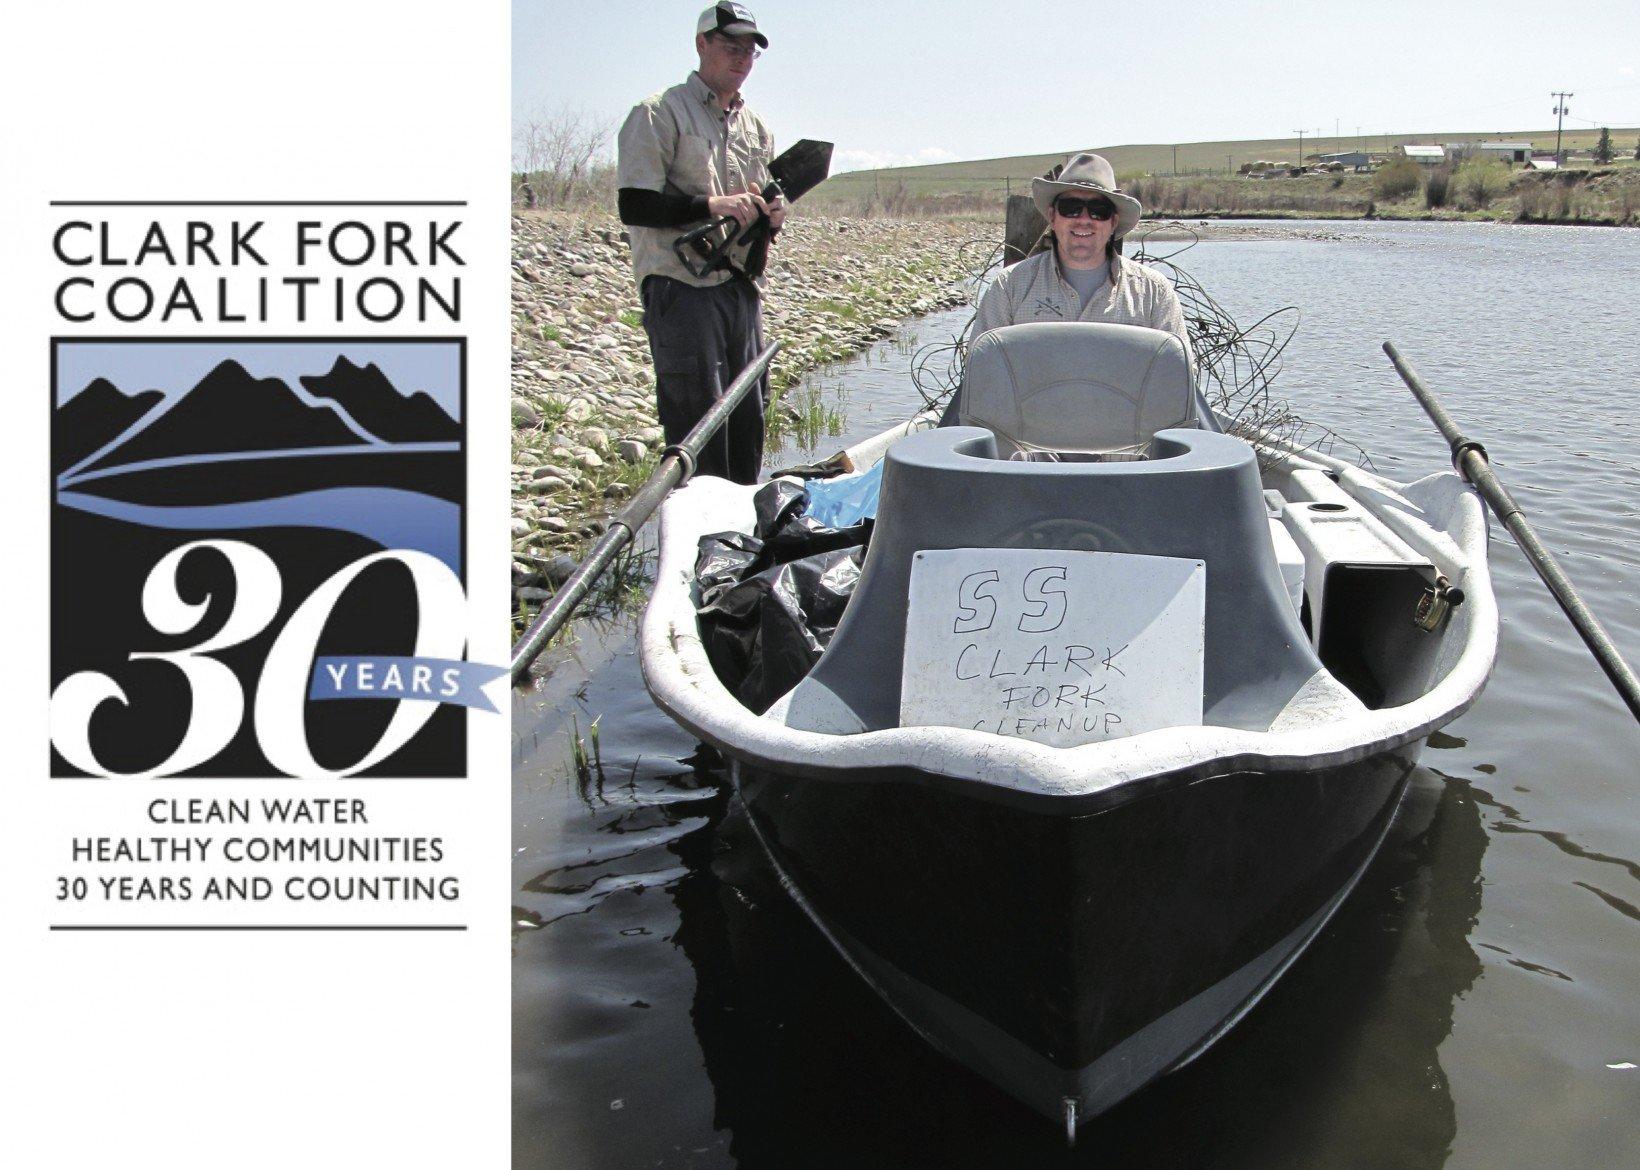 clark-fork-coalition